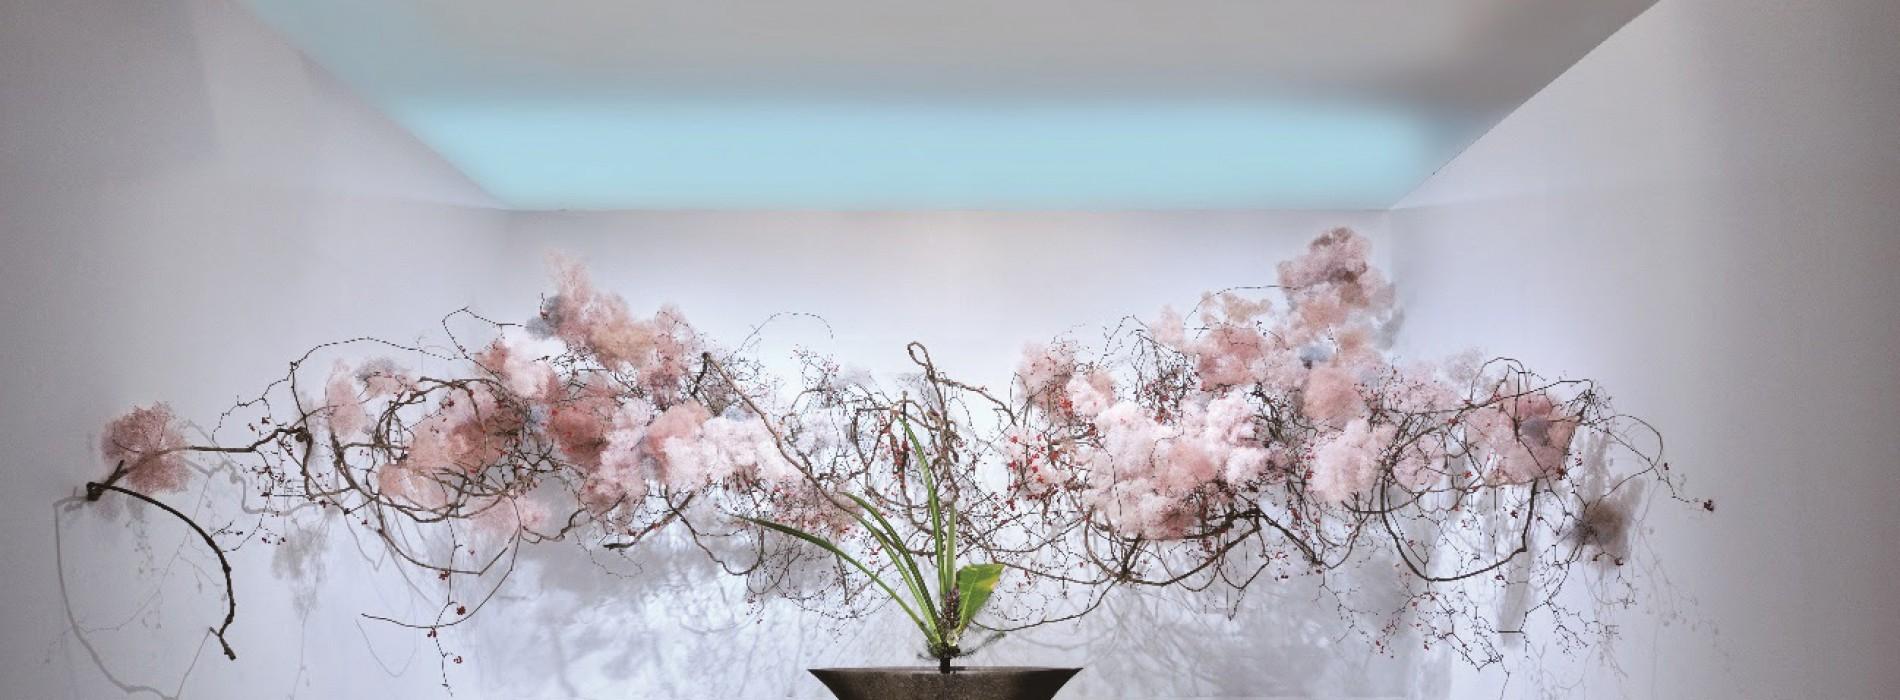 Monaco welcomes Japanese Ikebana